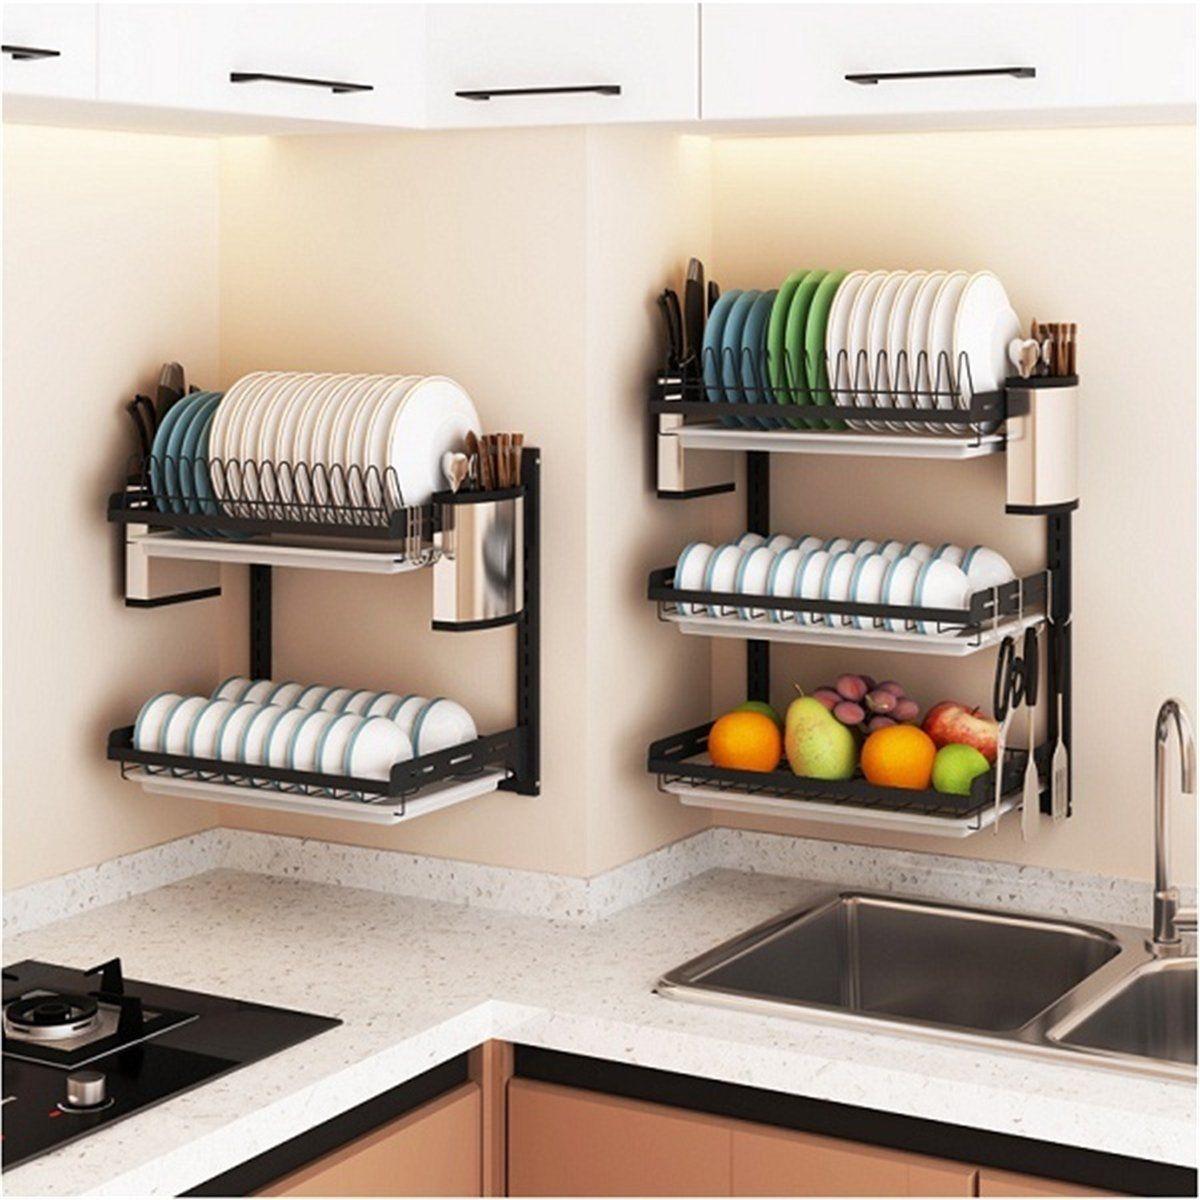 Wall Dish Rack Stainless Steel Home Storage Plate Holder Shelf W Drainer Tray Walmart Com In 2021 Kitchen Storage Shelves Kitchen Furniture Design Diy Kitchen Storage